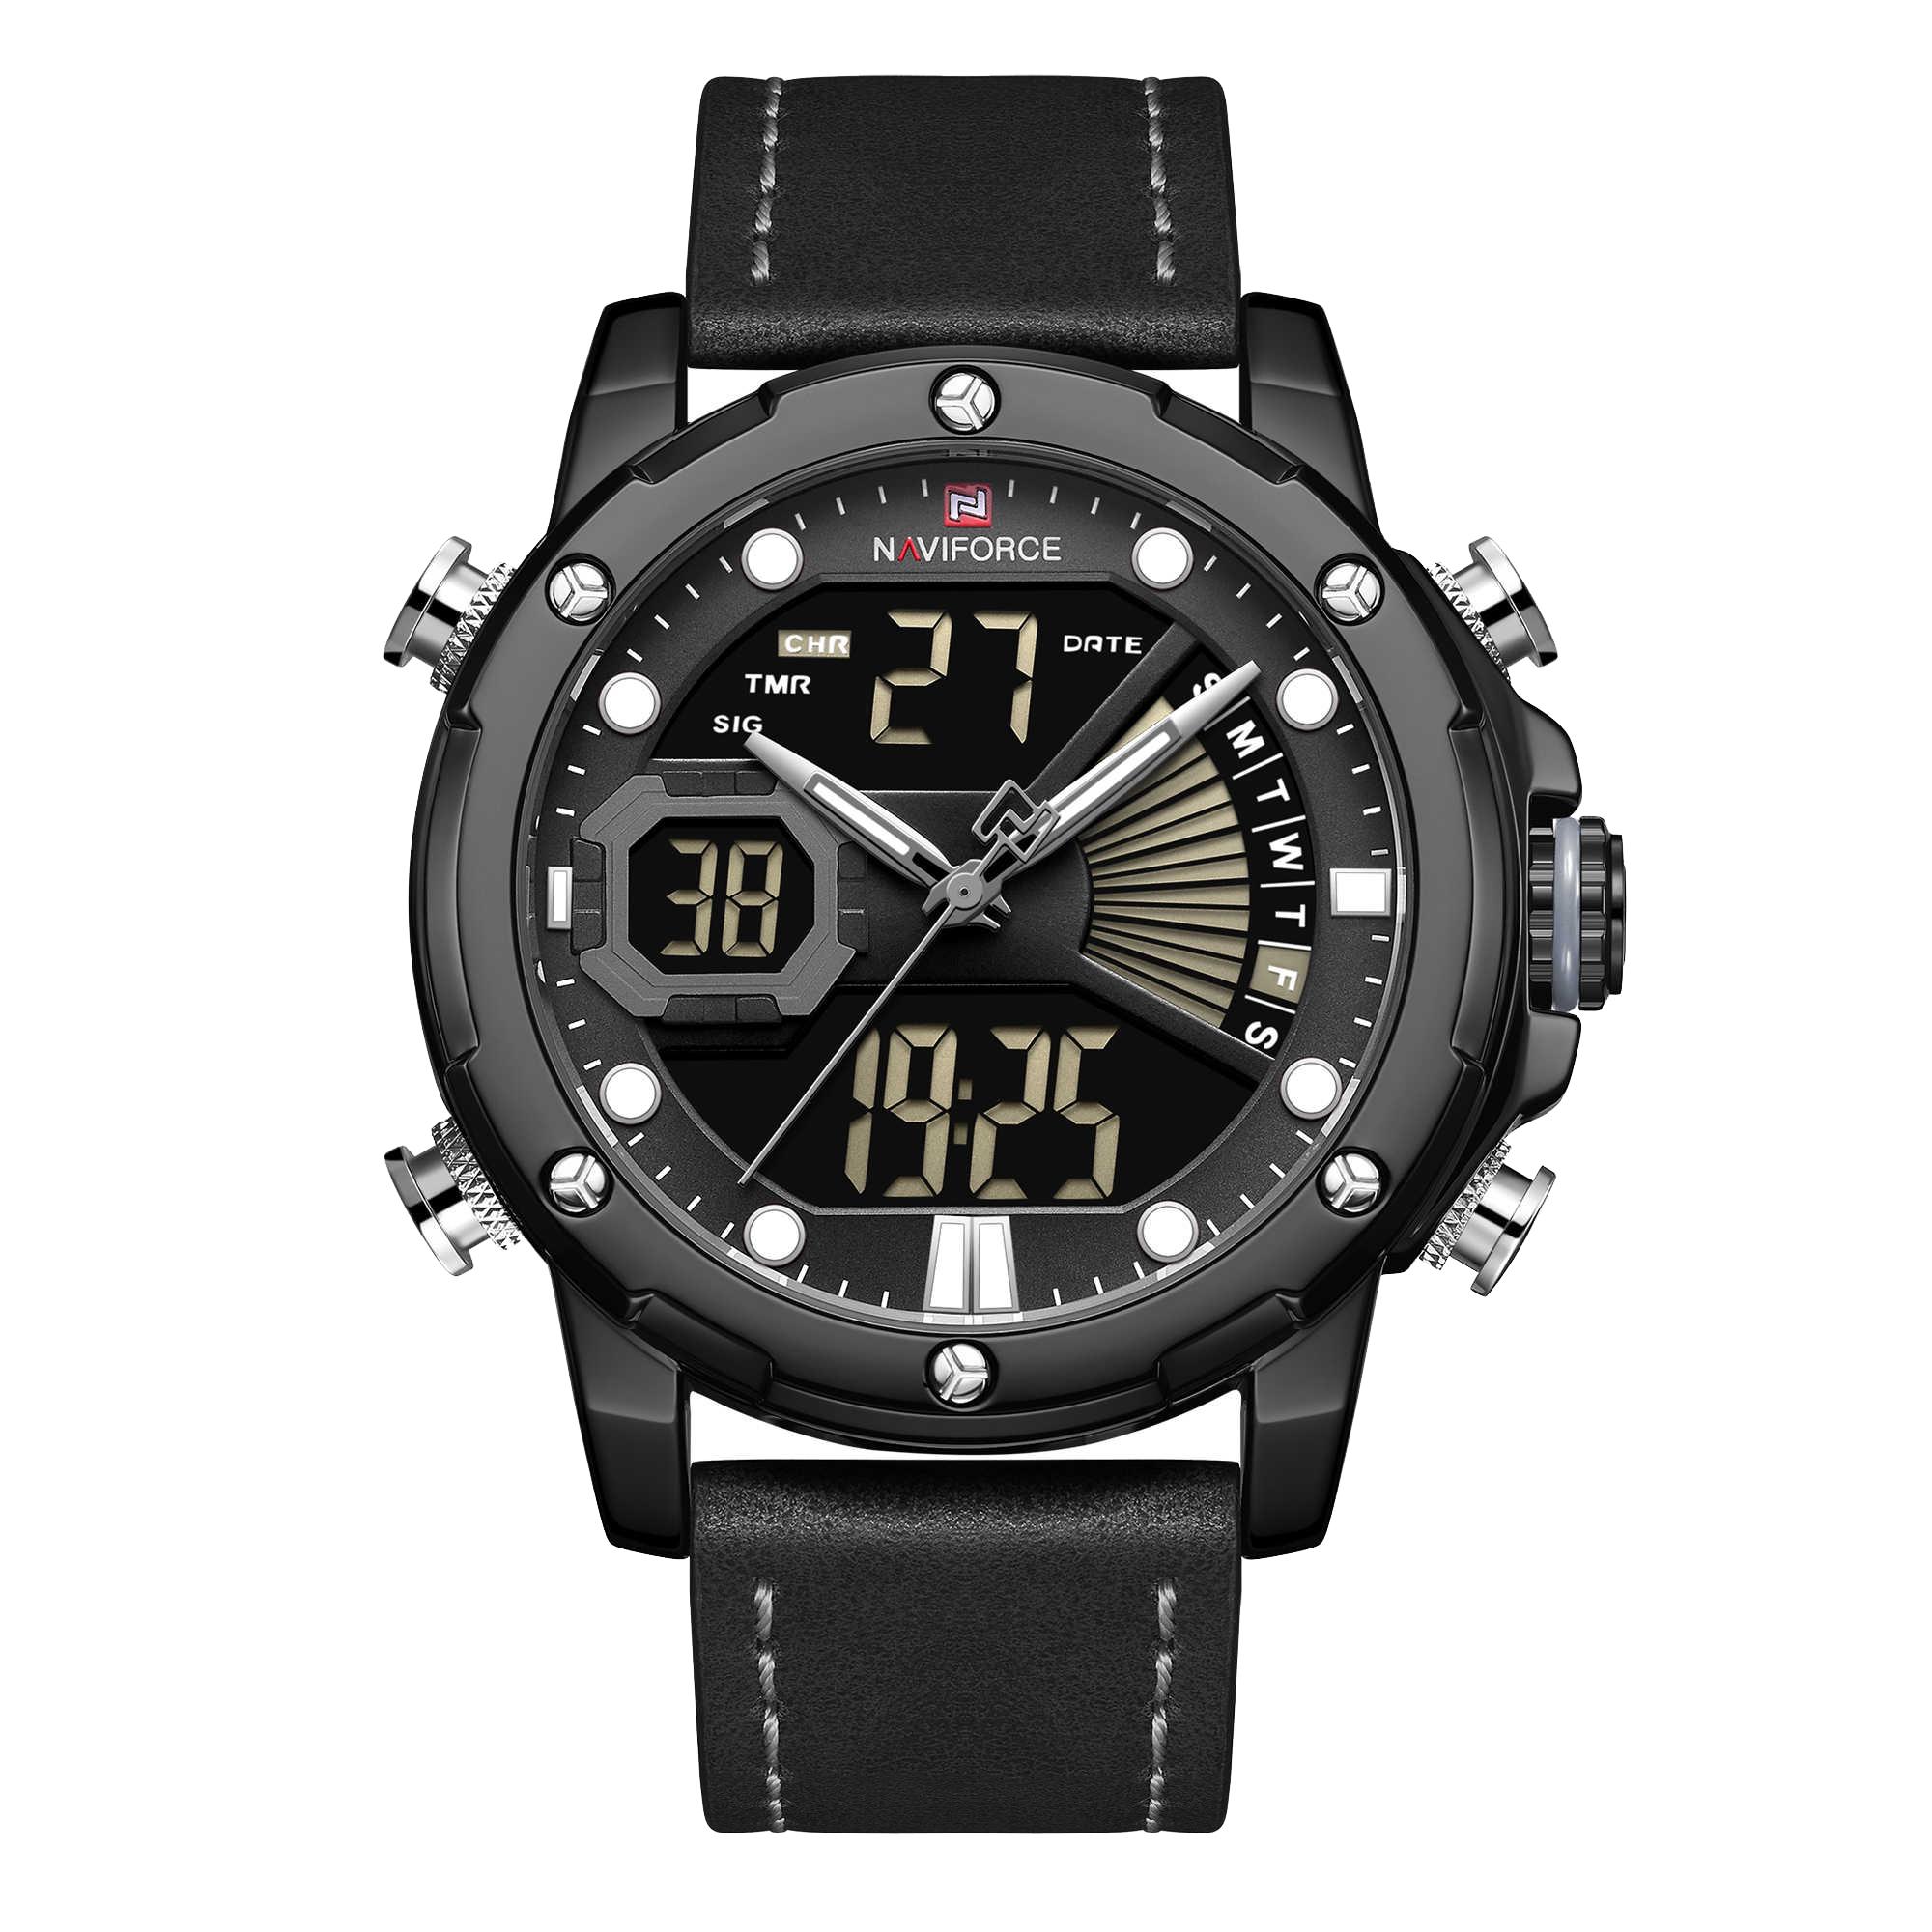 ساعت مچی عقربهای مردانه نیوی فورس مدل NF9172M -B-GY-B              خرید (⭐️⭐️⭐️)